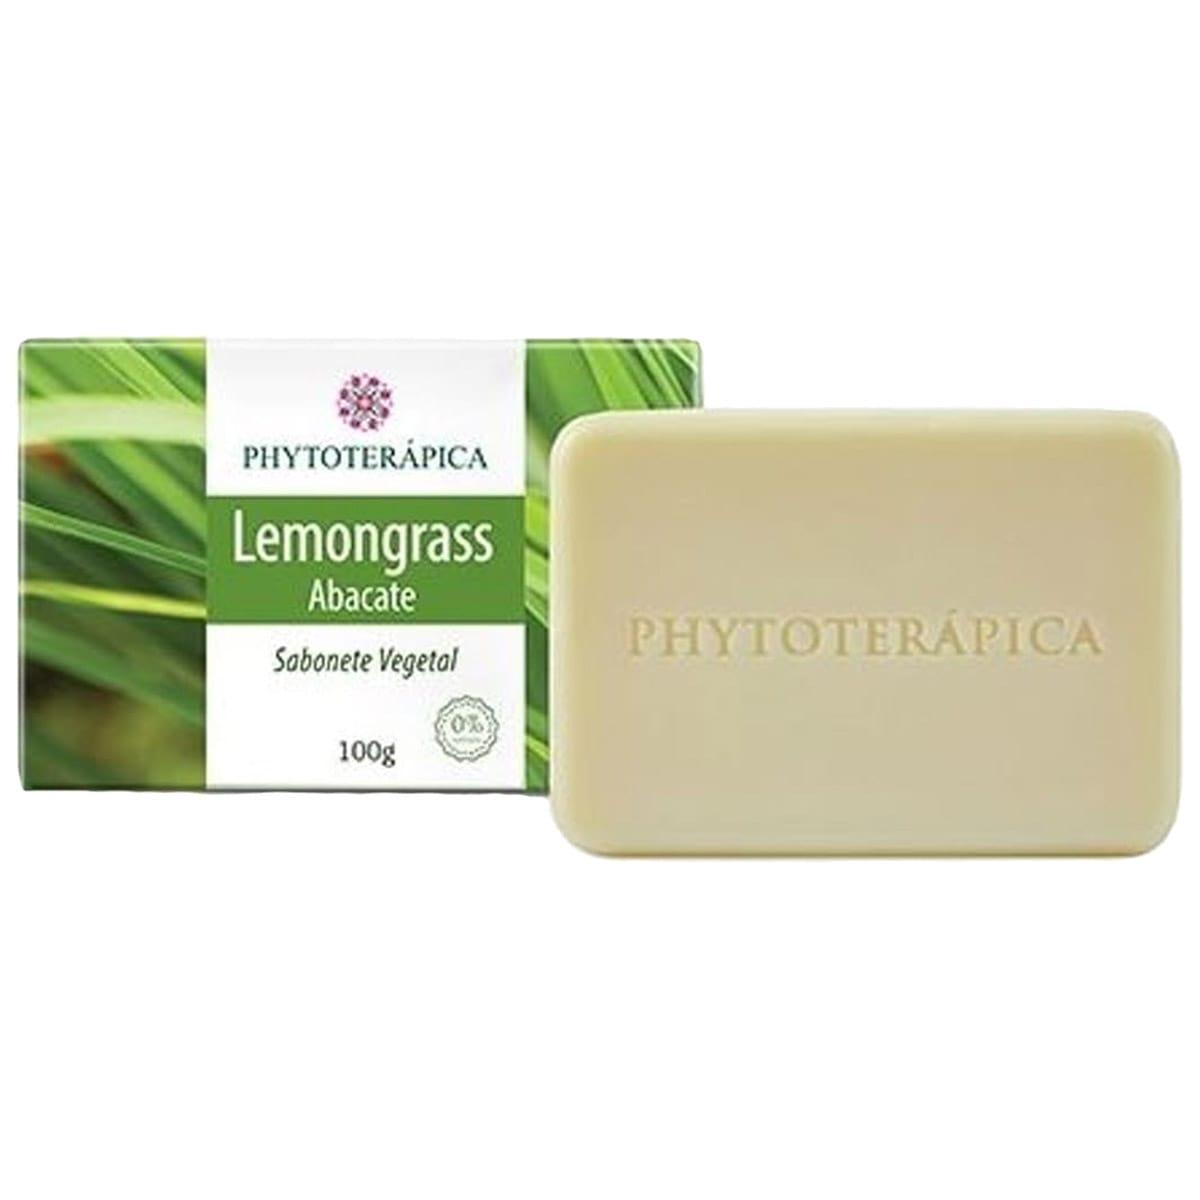 Sabonete Lemongrass e Abacate 100g - Phytoterapica